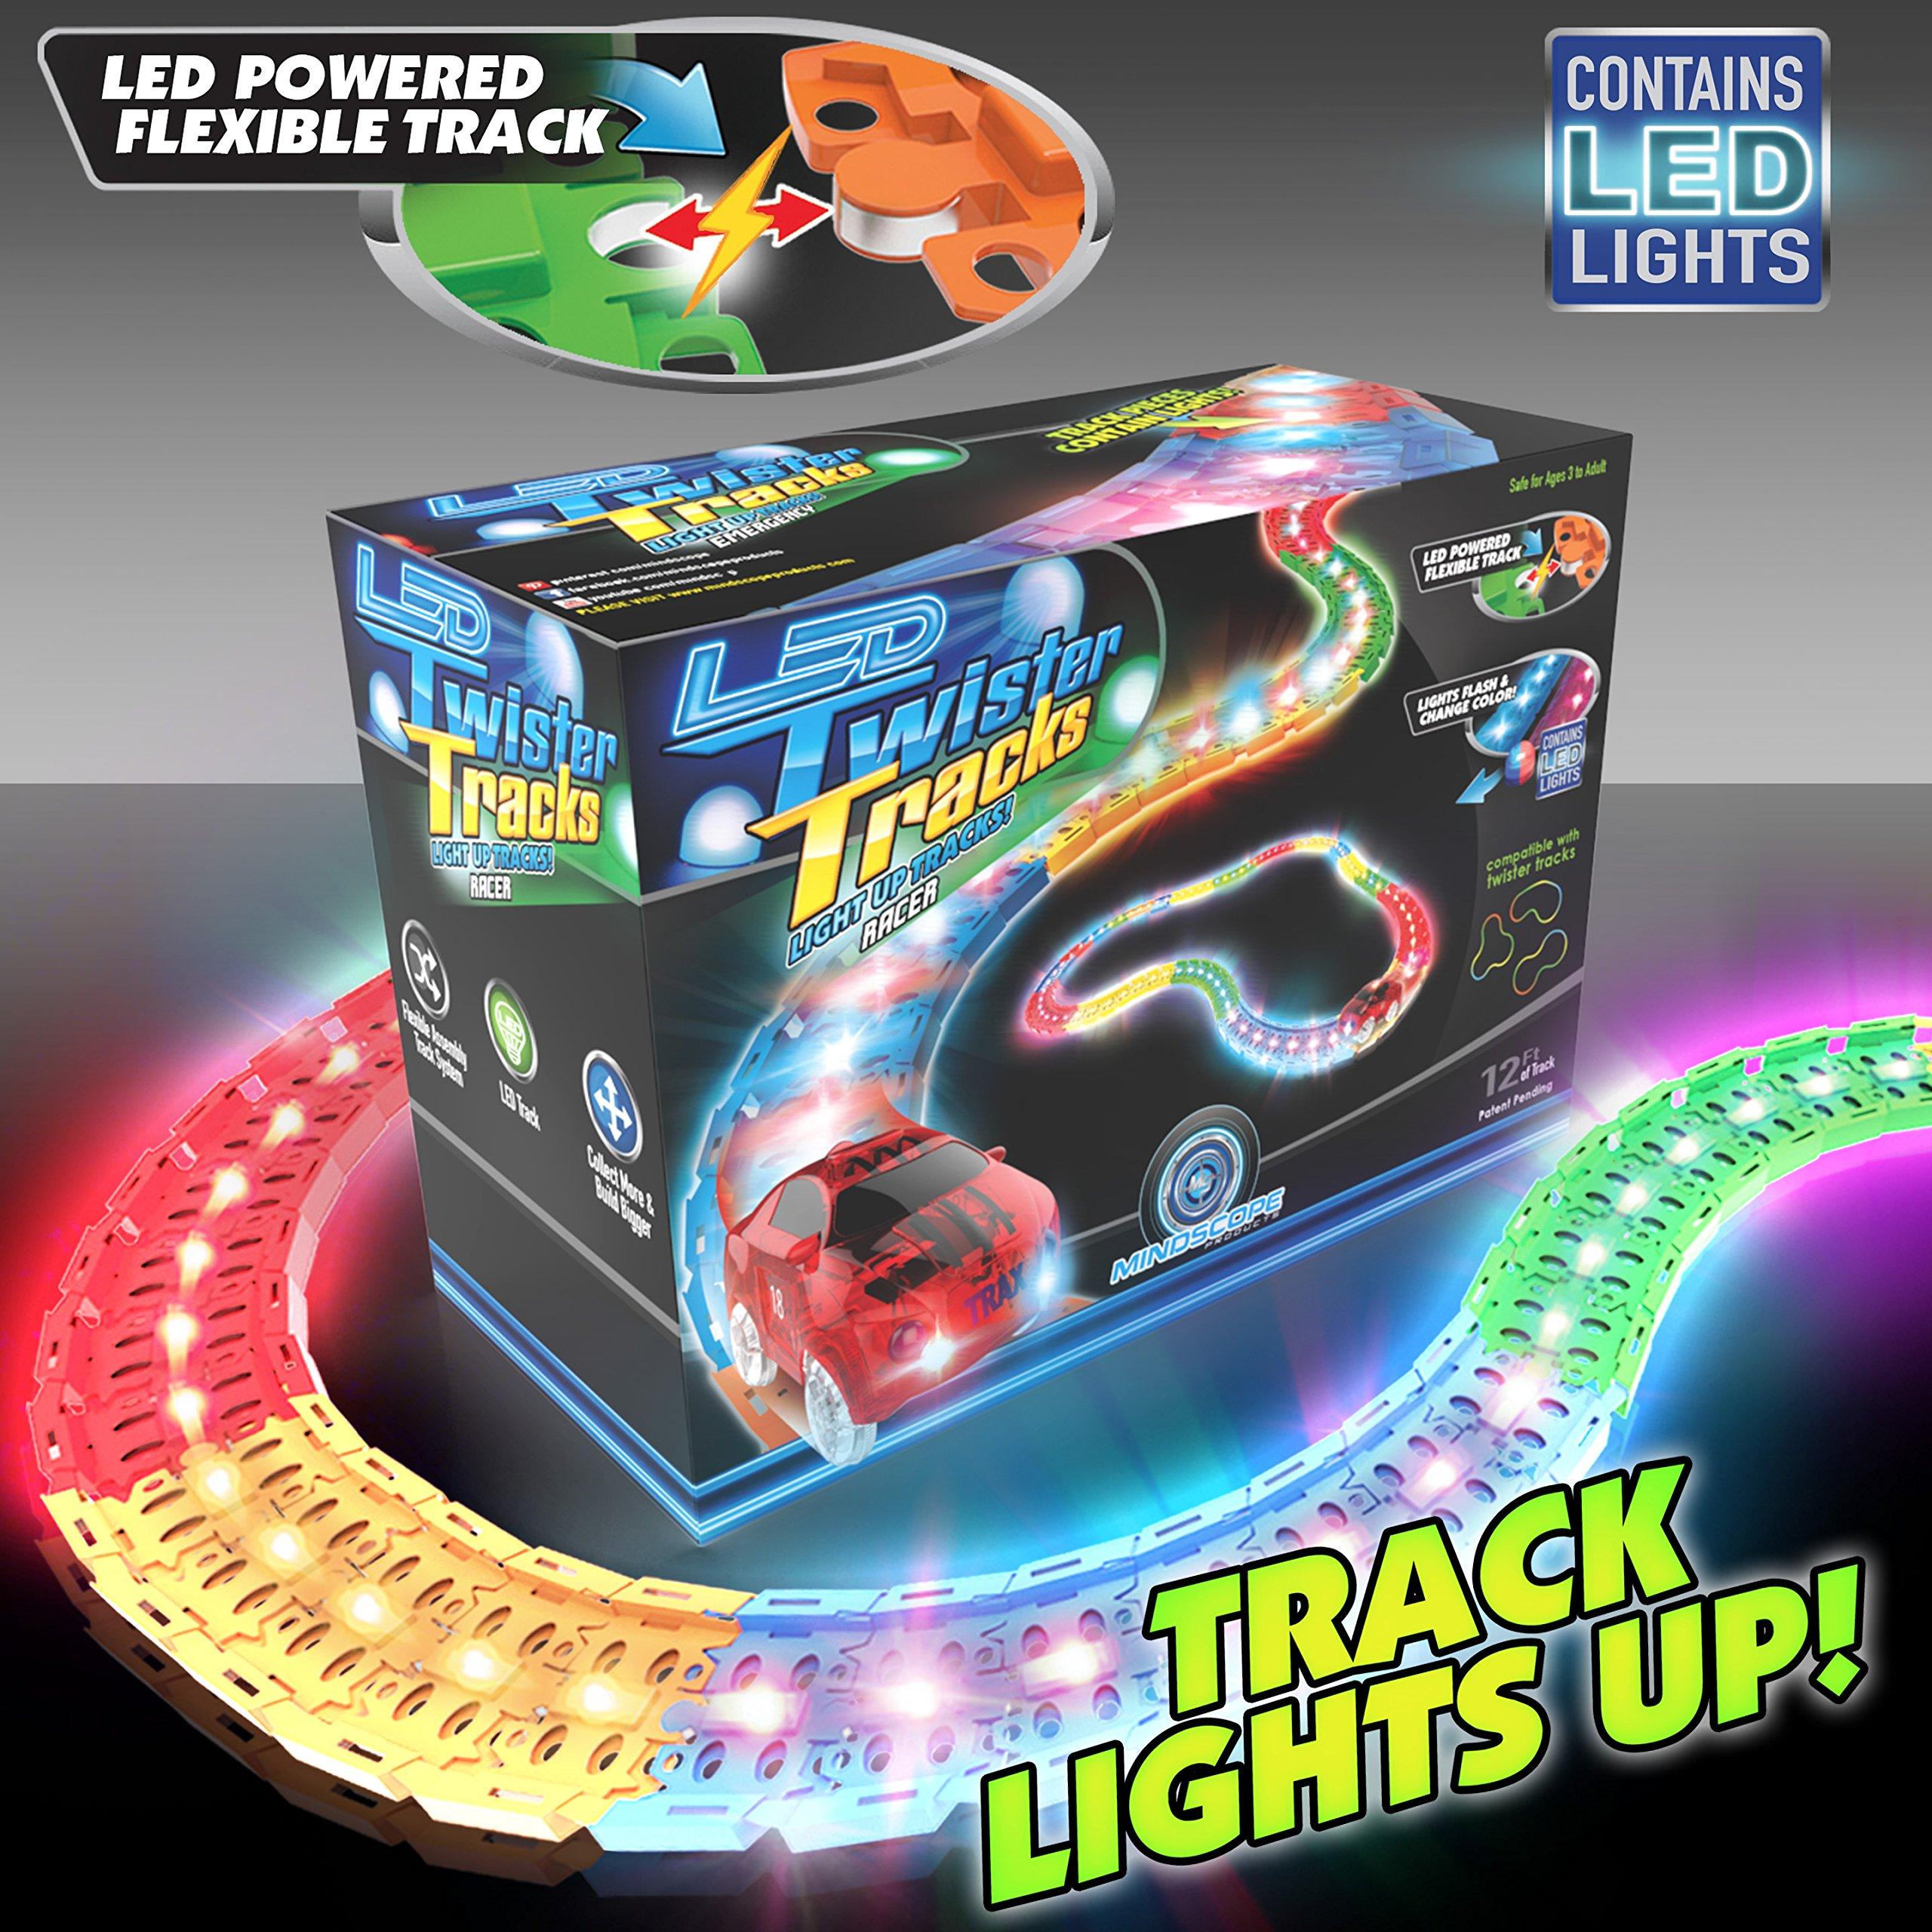 Laser Twister Tracks